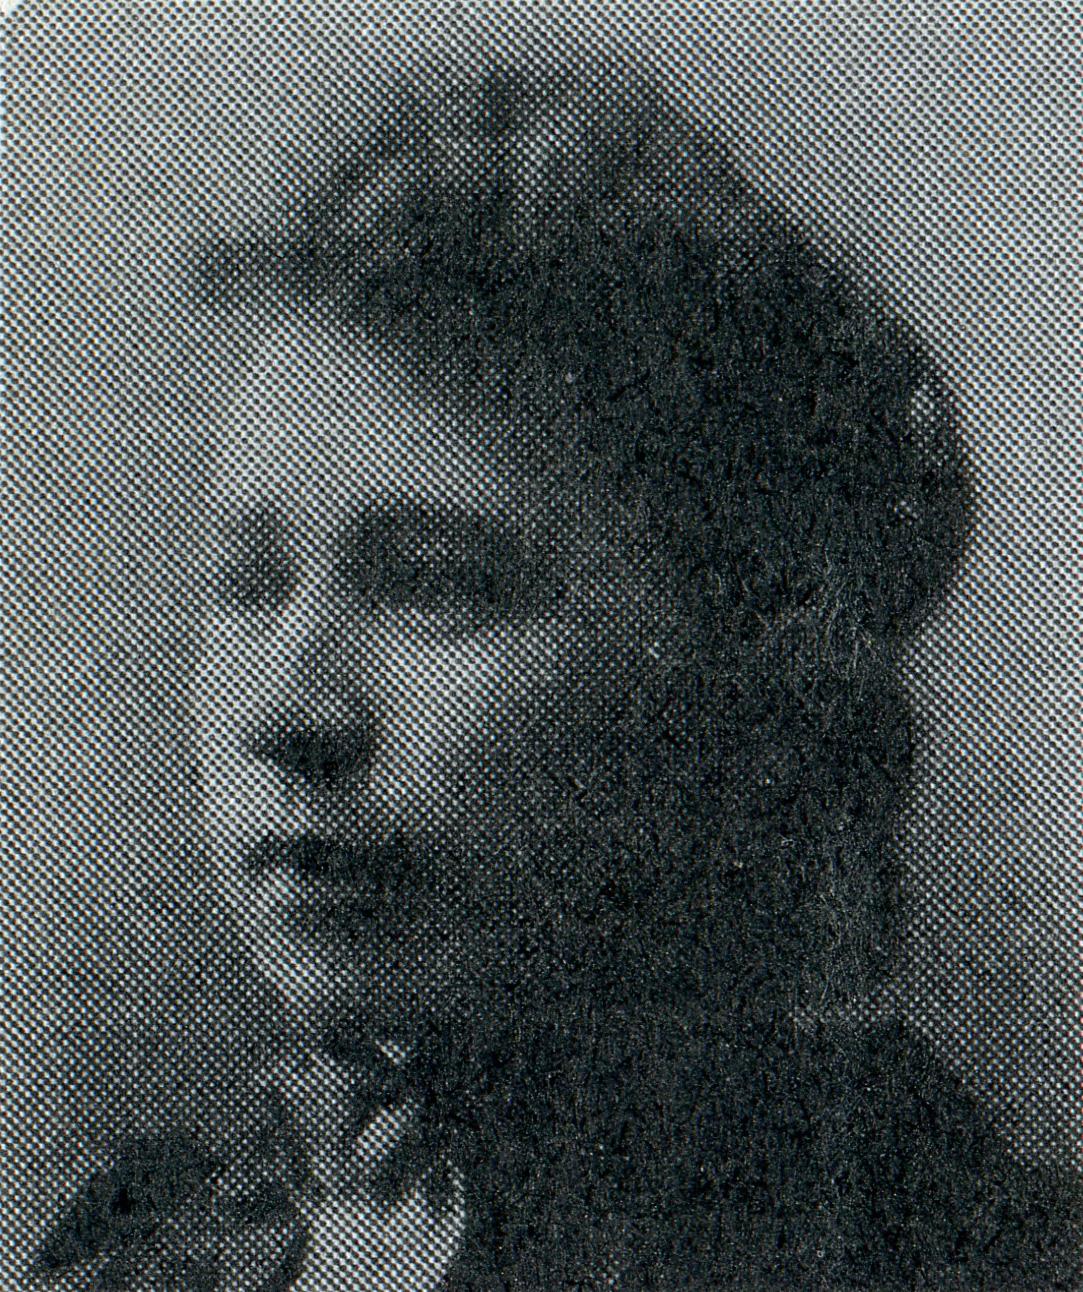 Cluff, Ellen Marie